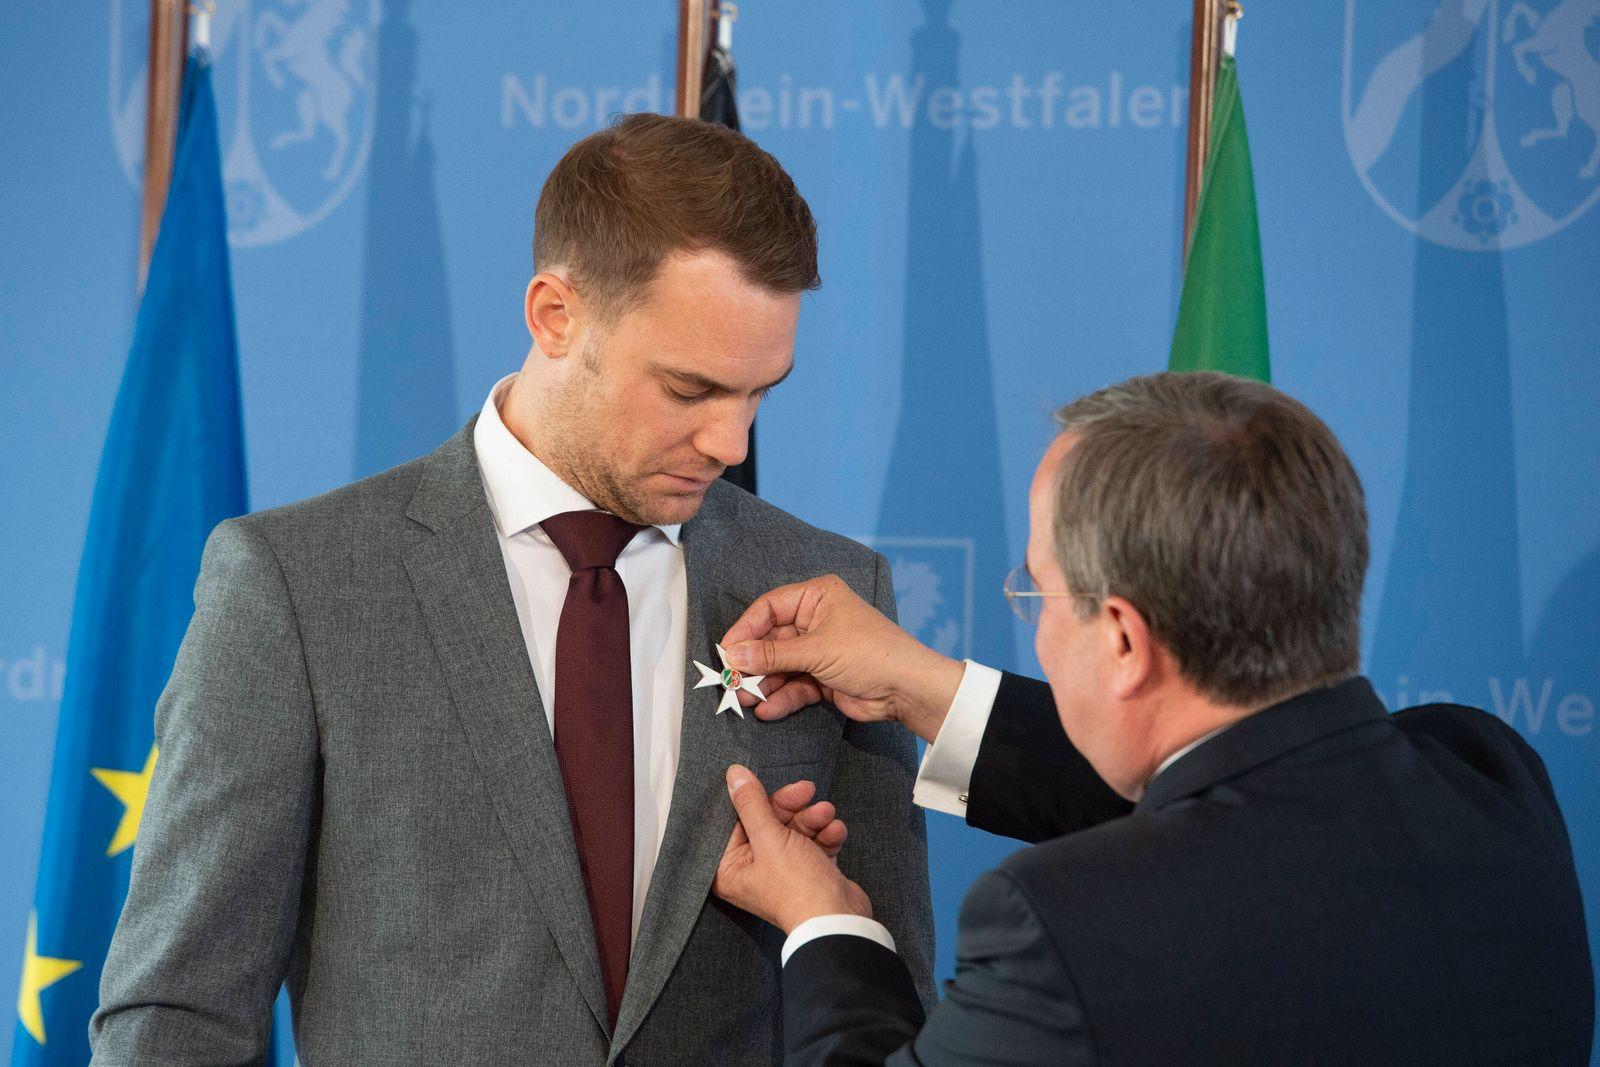 Ministerpraesident Armin LASCHET steckt Torwart Manuel NEUER den Orden an, Ministerpraesident Armin Laschet verleiht an